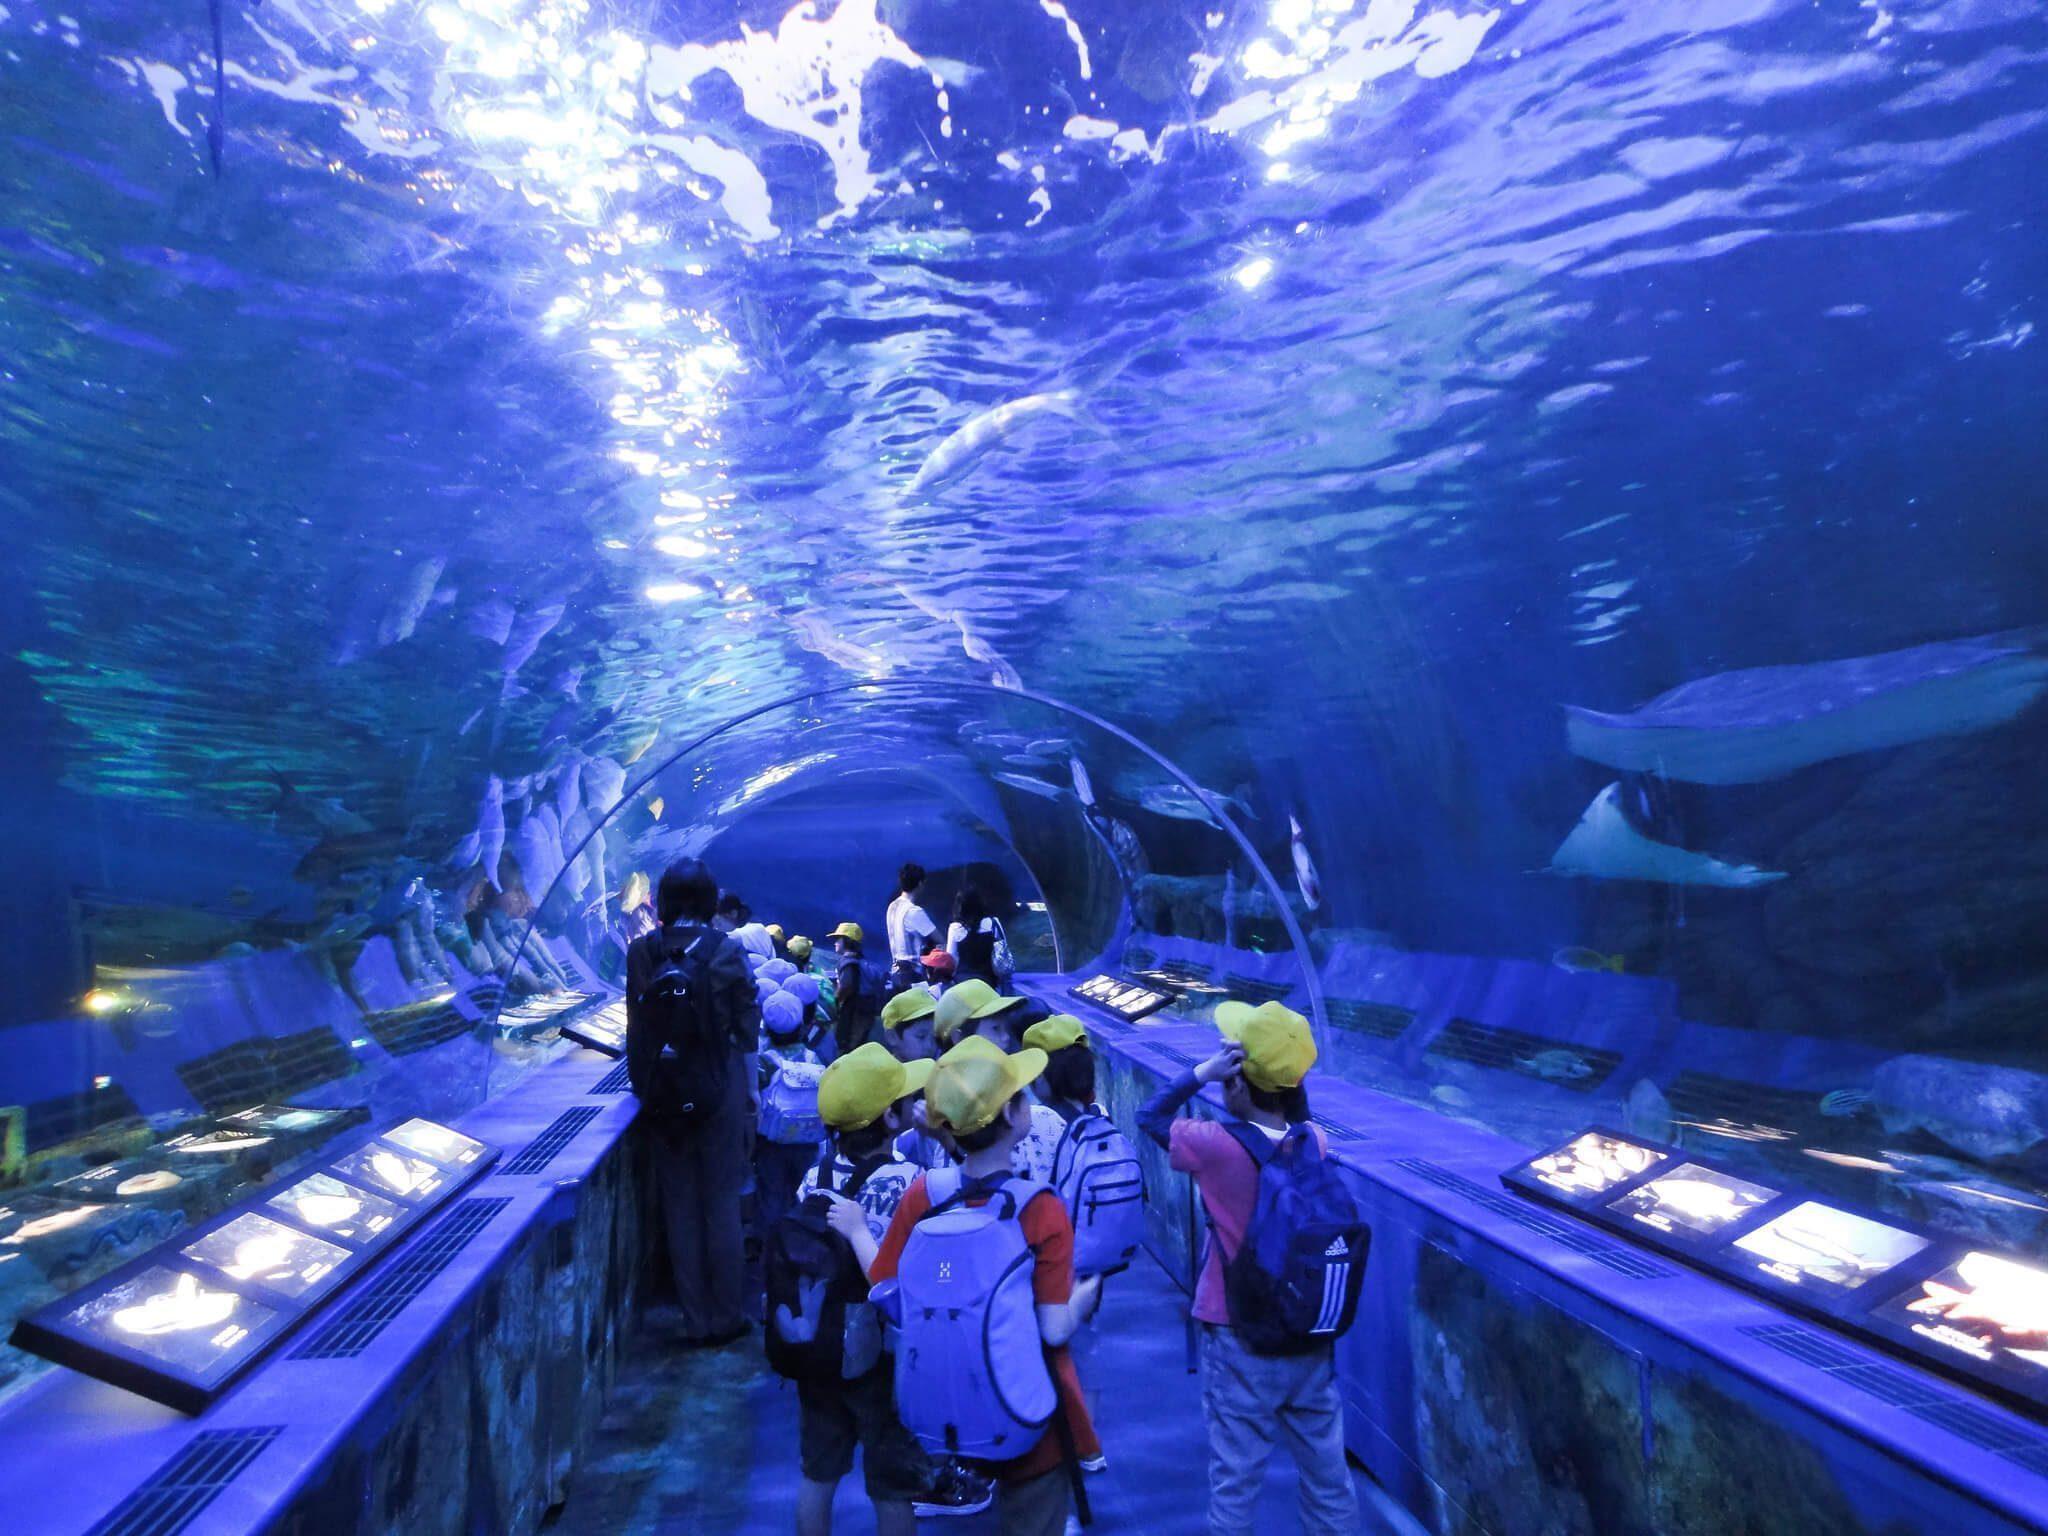 พิพิธภัณฑ์สัตว์น้ำโตเกียวทาวเวอร์